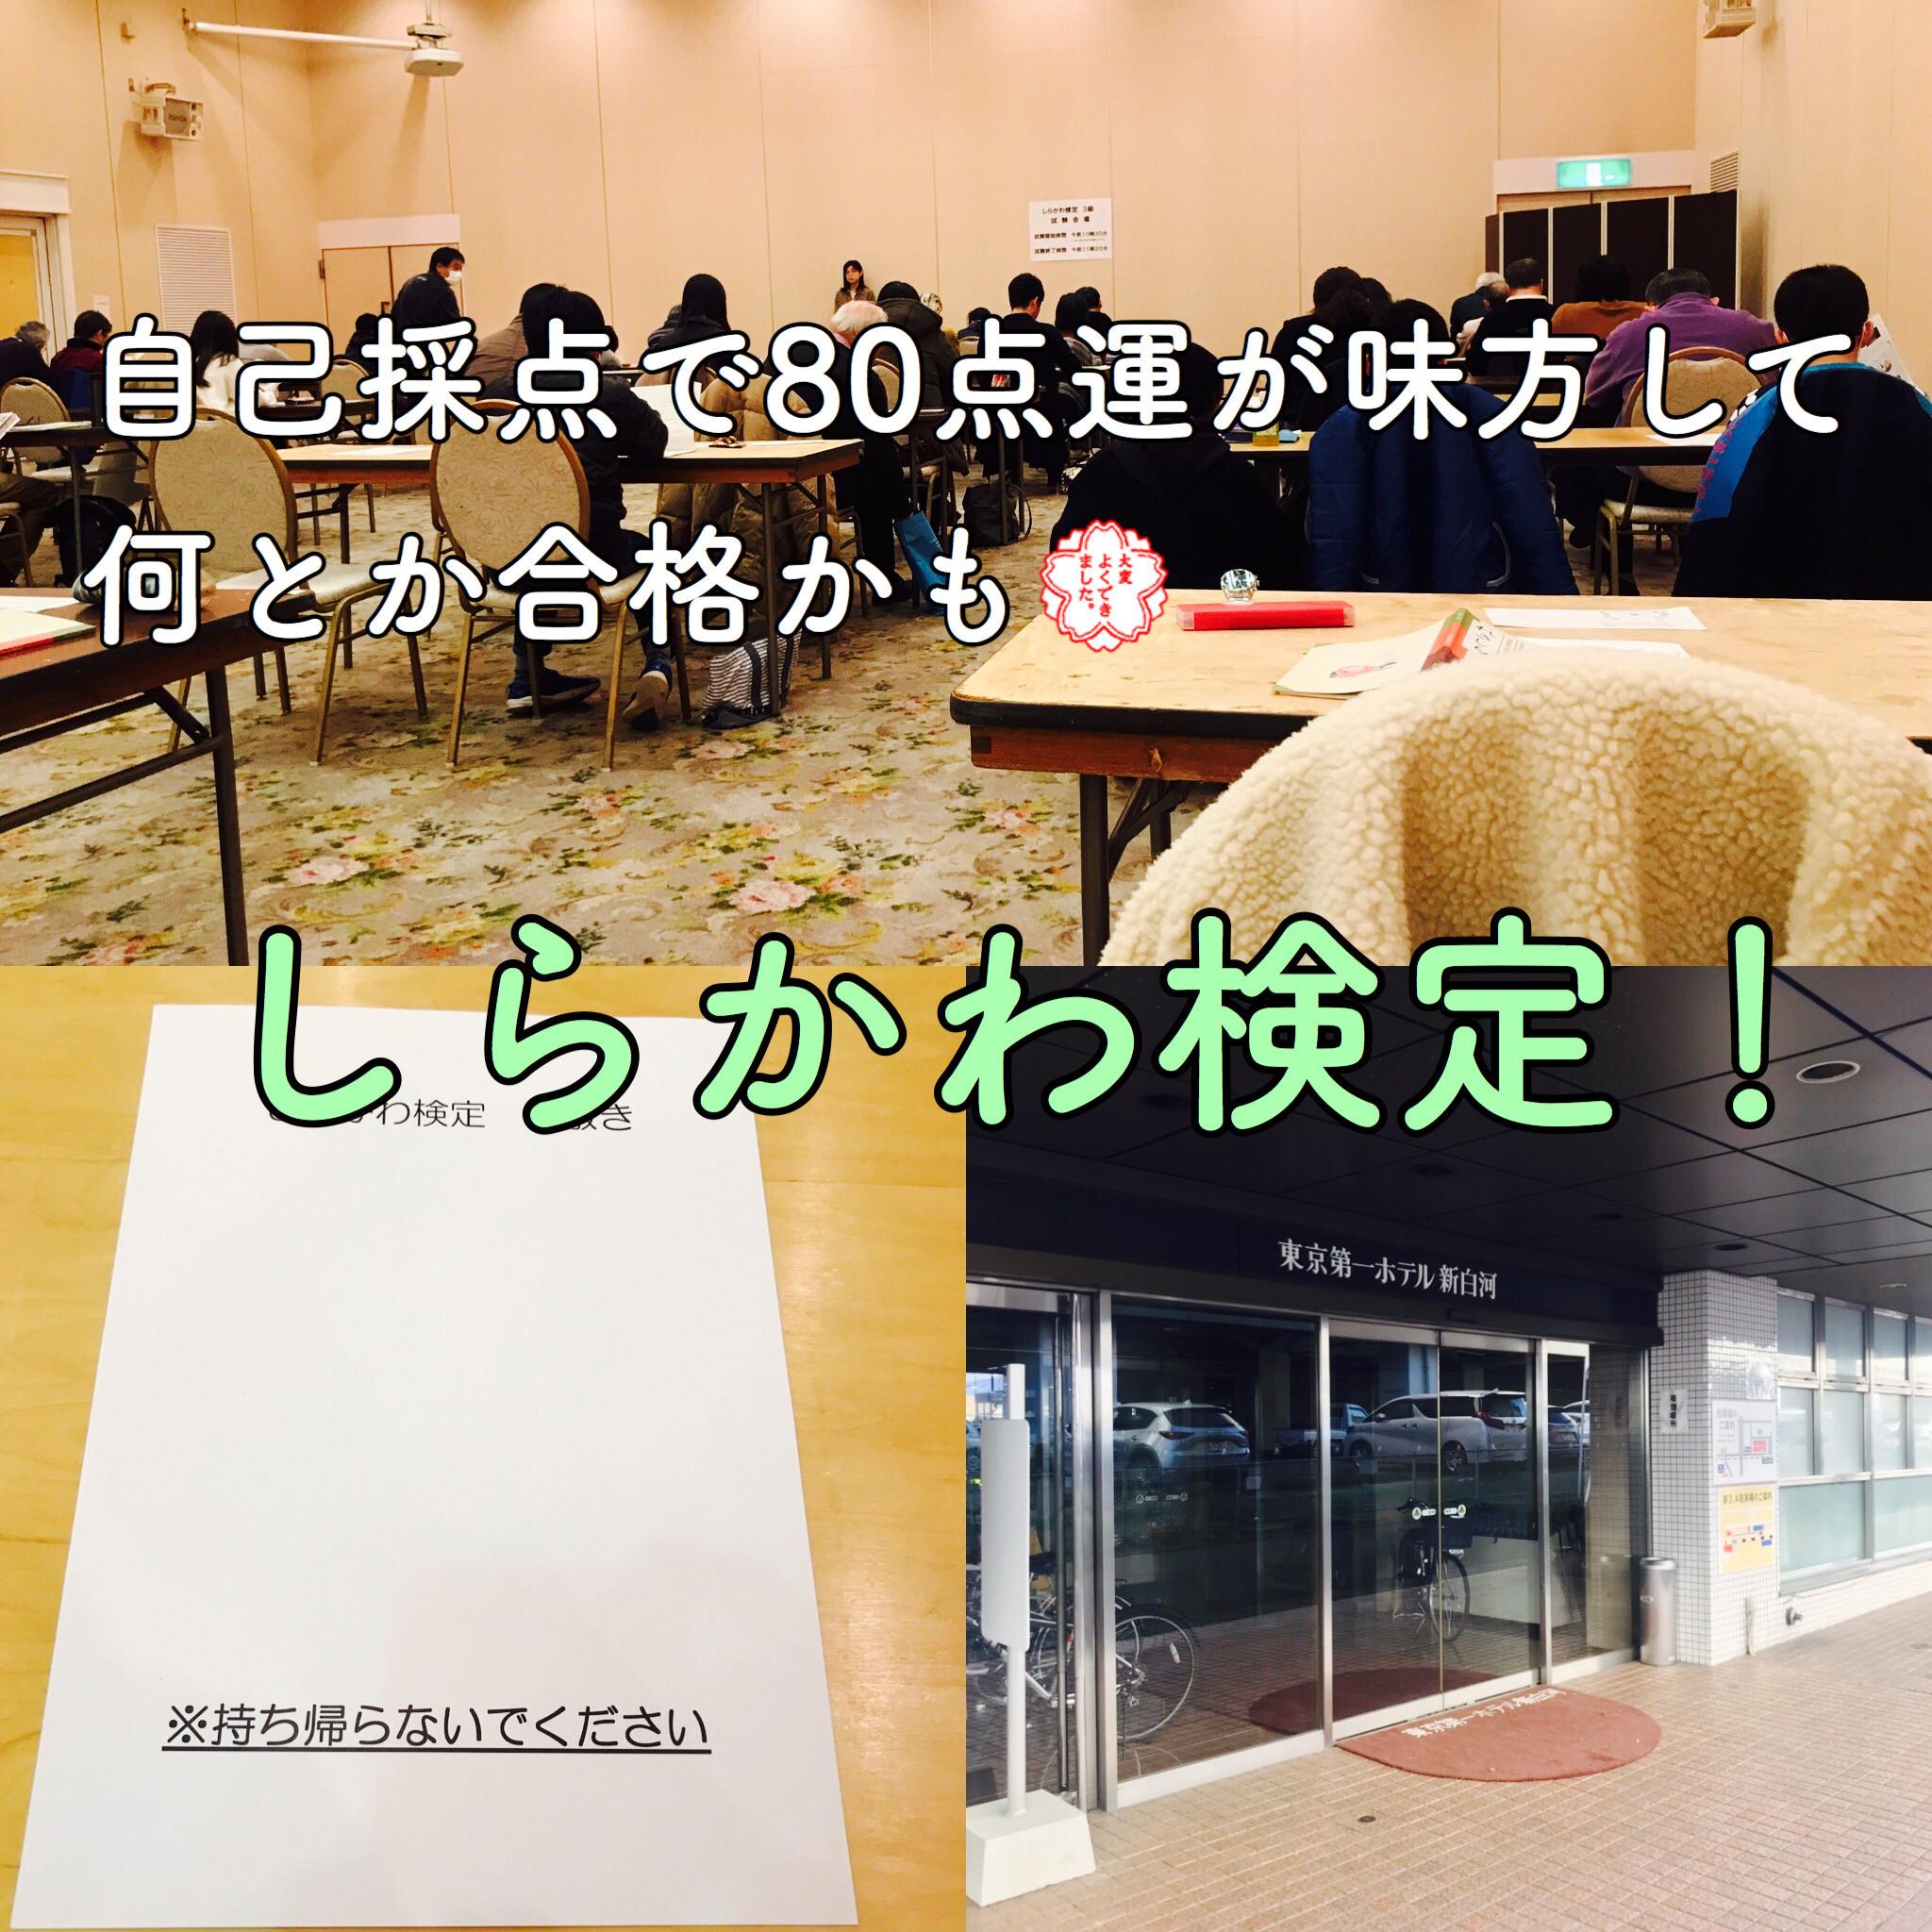 ポスティングのまにまに|福島県白河市・西郷村のポスティング|白河市に拠点があるポスティング会社は我々だけです!